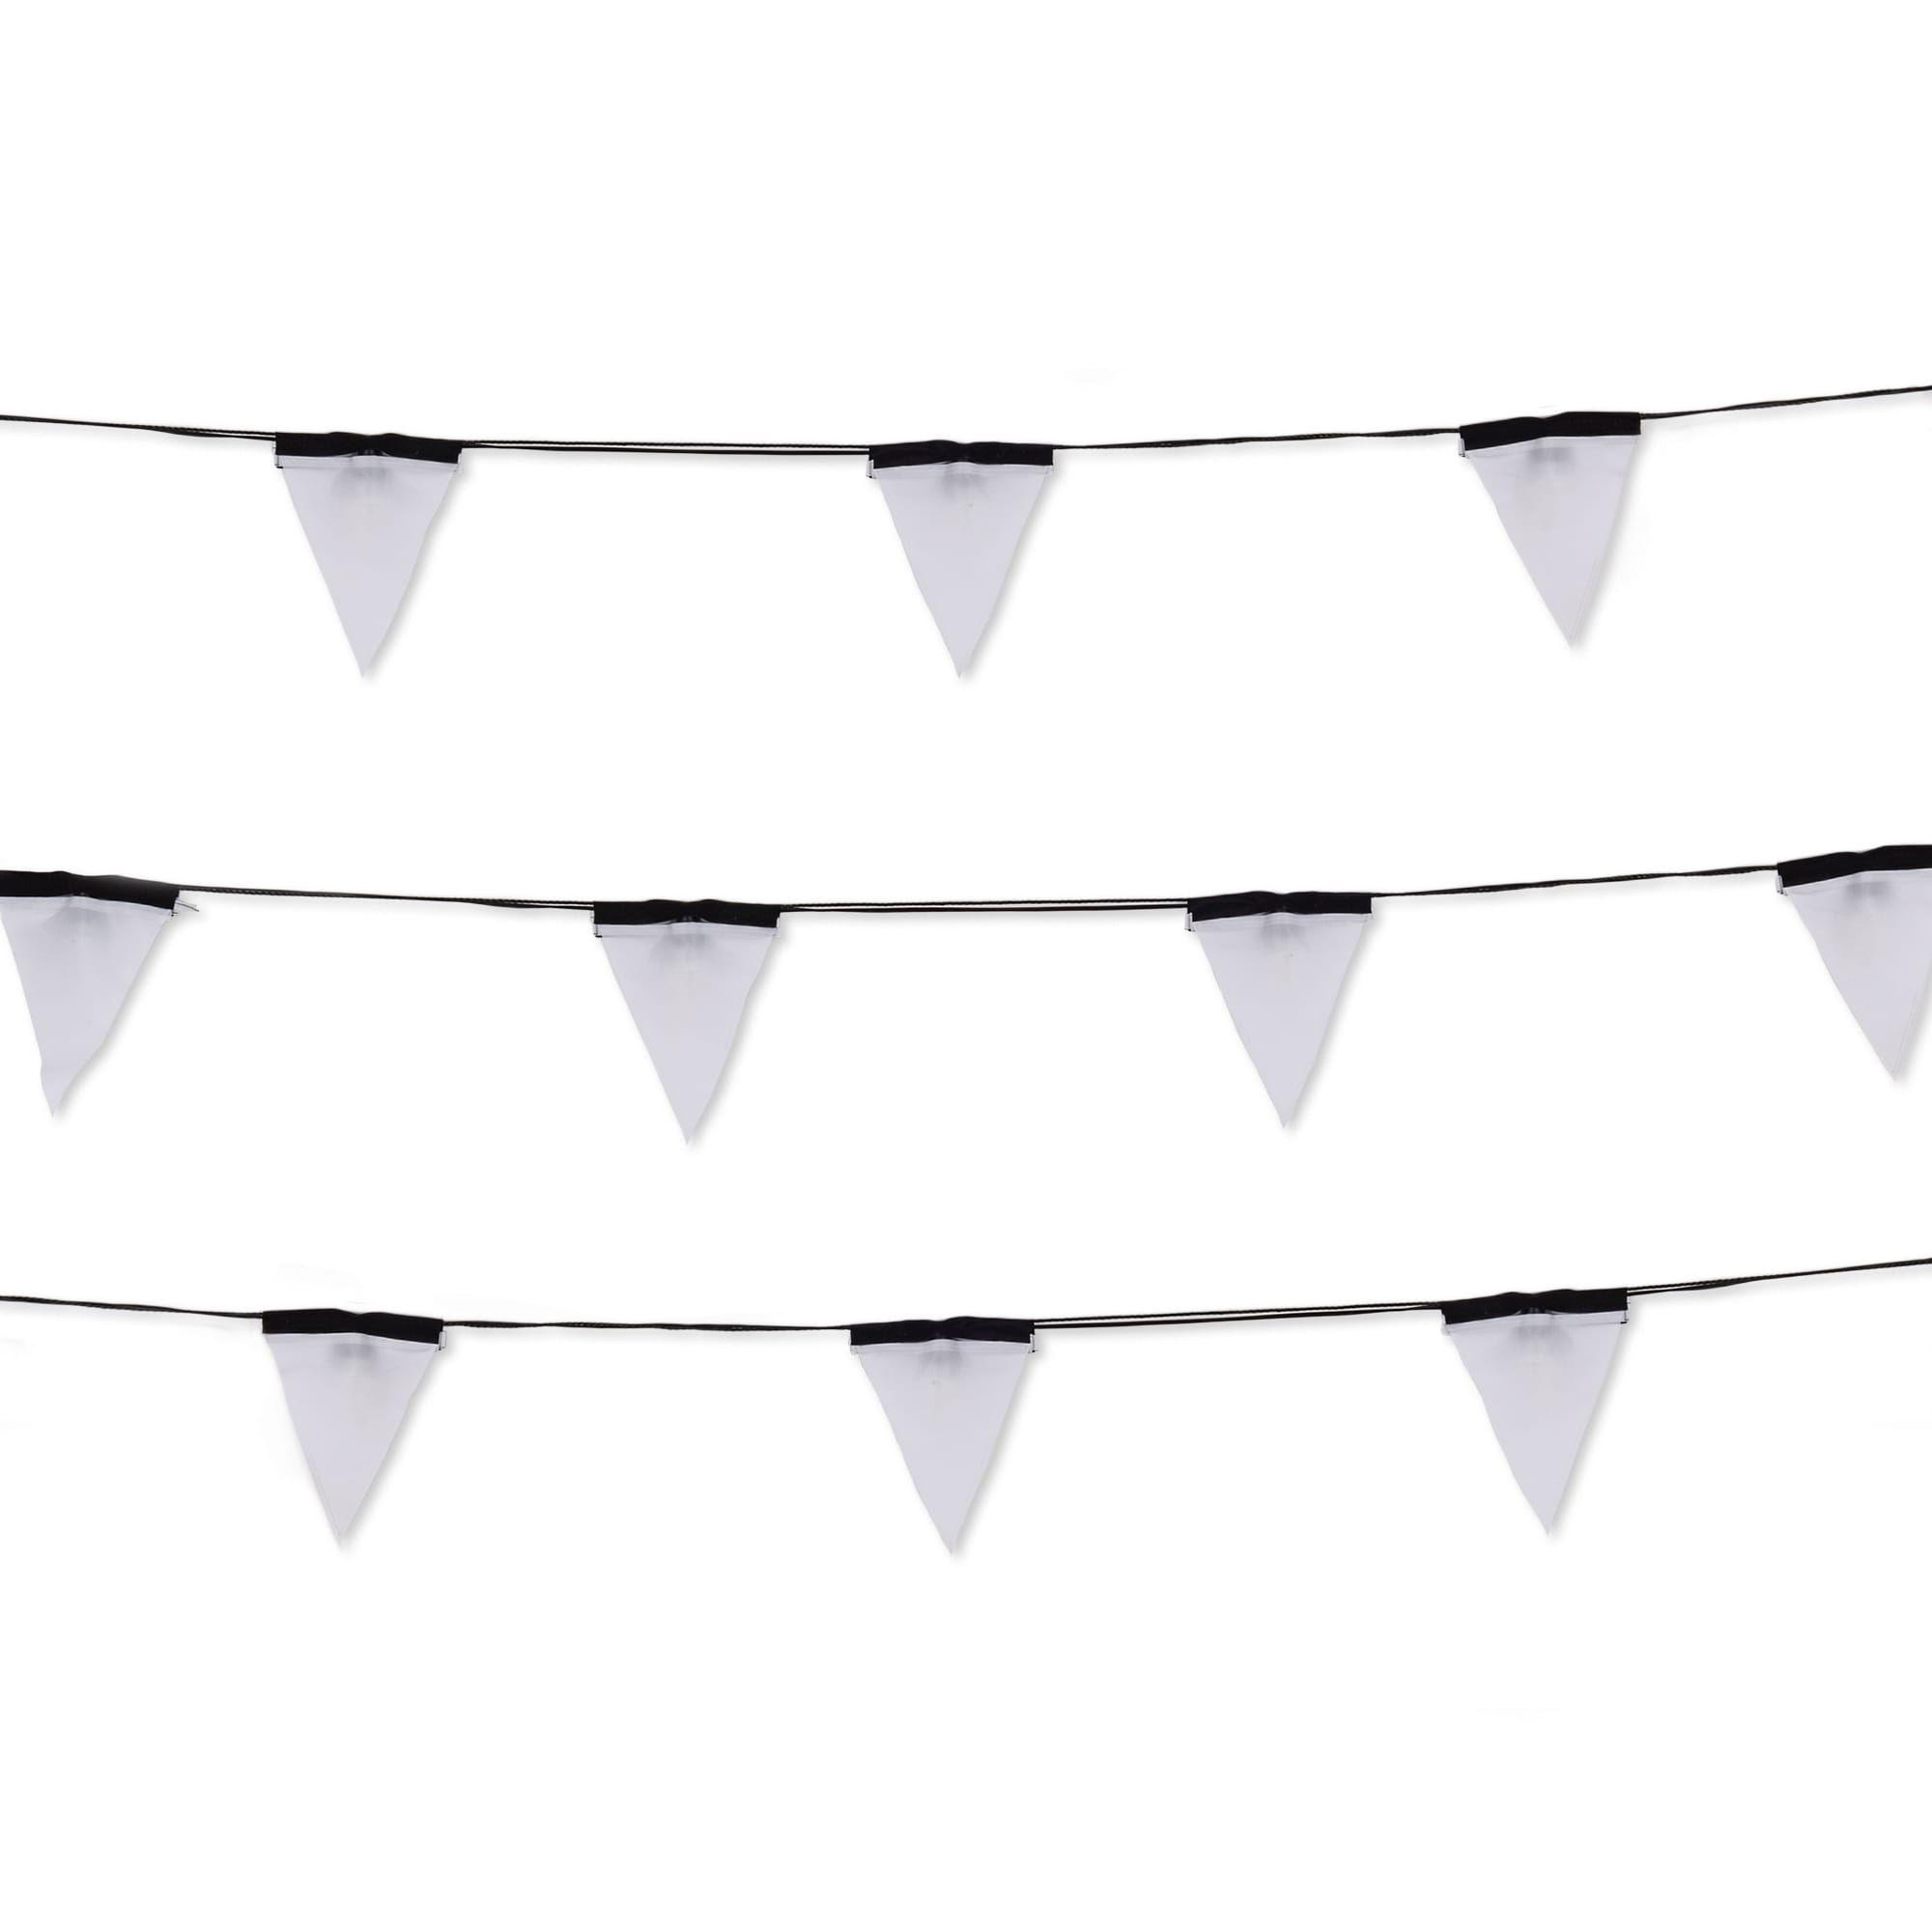 Déco - Pour les enfants - Guirlande lumineuse extérieur Sagra LED / 16 fanions tissu - Seletti - Guirlande / Noir & blanc - Polycarbonate, PVC, Tissu polyester